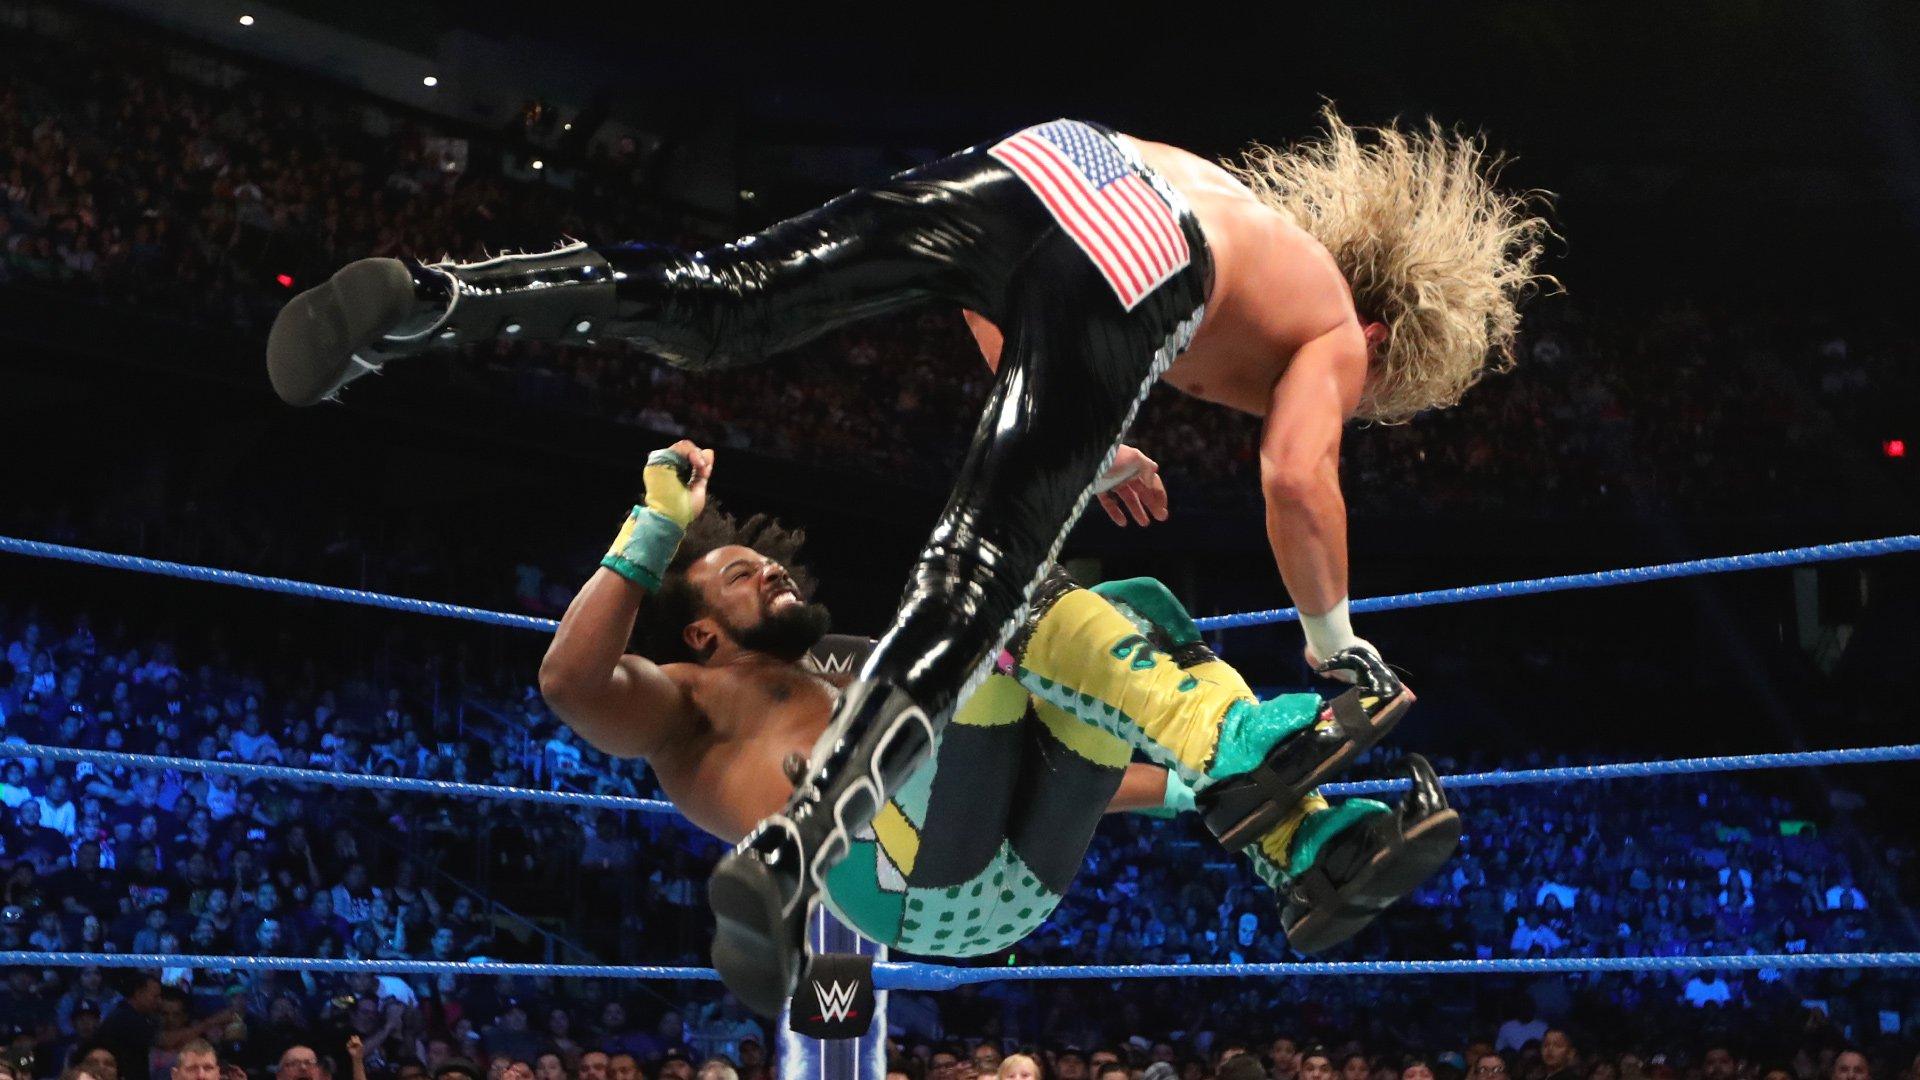 Xavier Woods vs. Dolph Ziggler: SmackDown LIVE, 18 Juin 2019